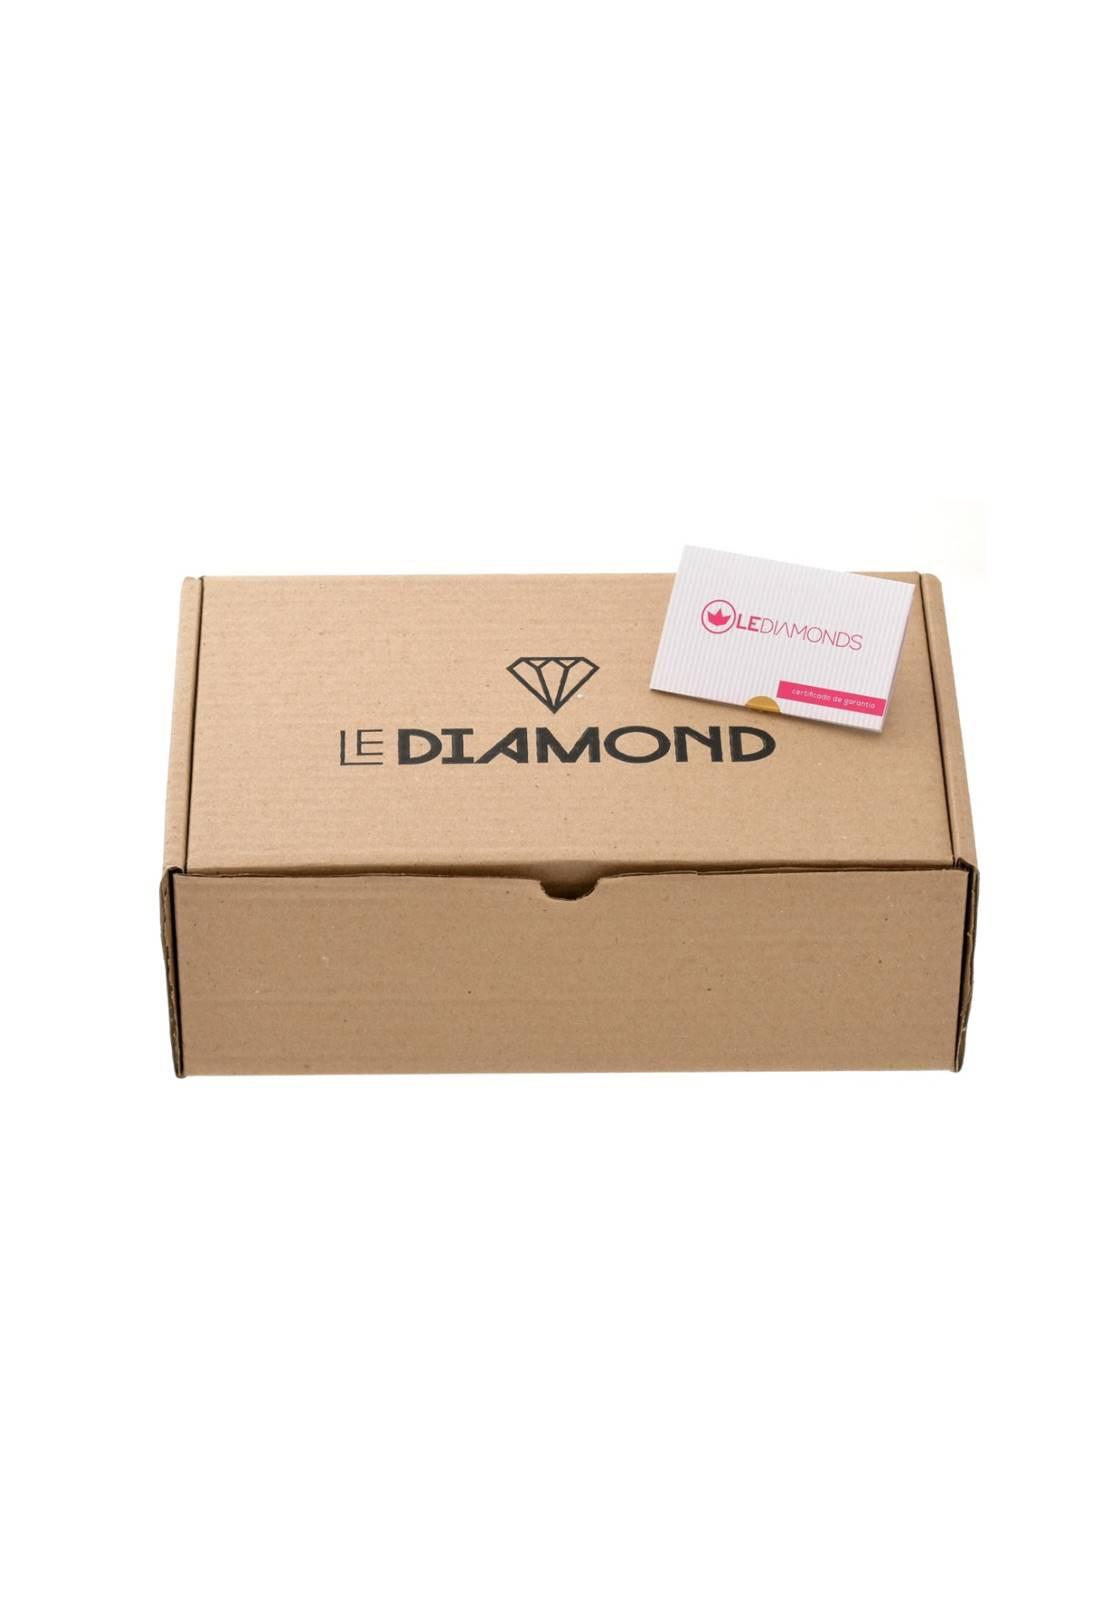 Brinco Le Diamond Argola Aina Preto